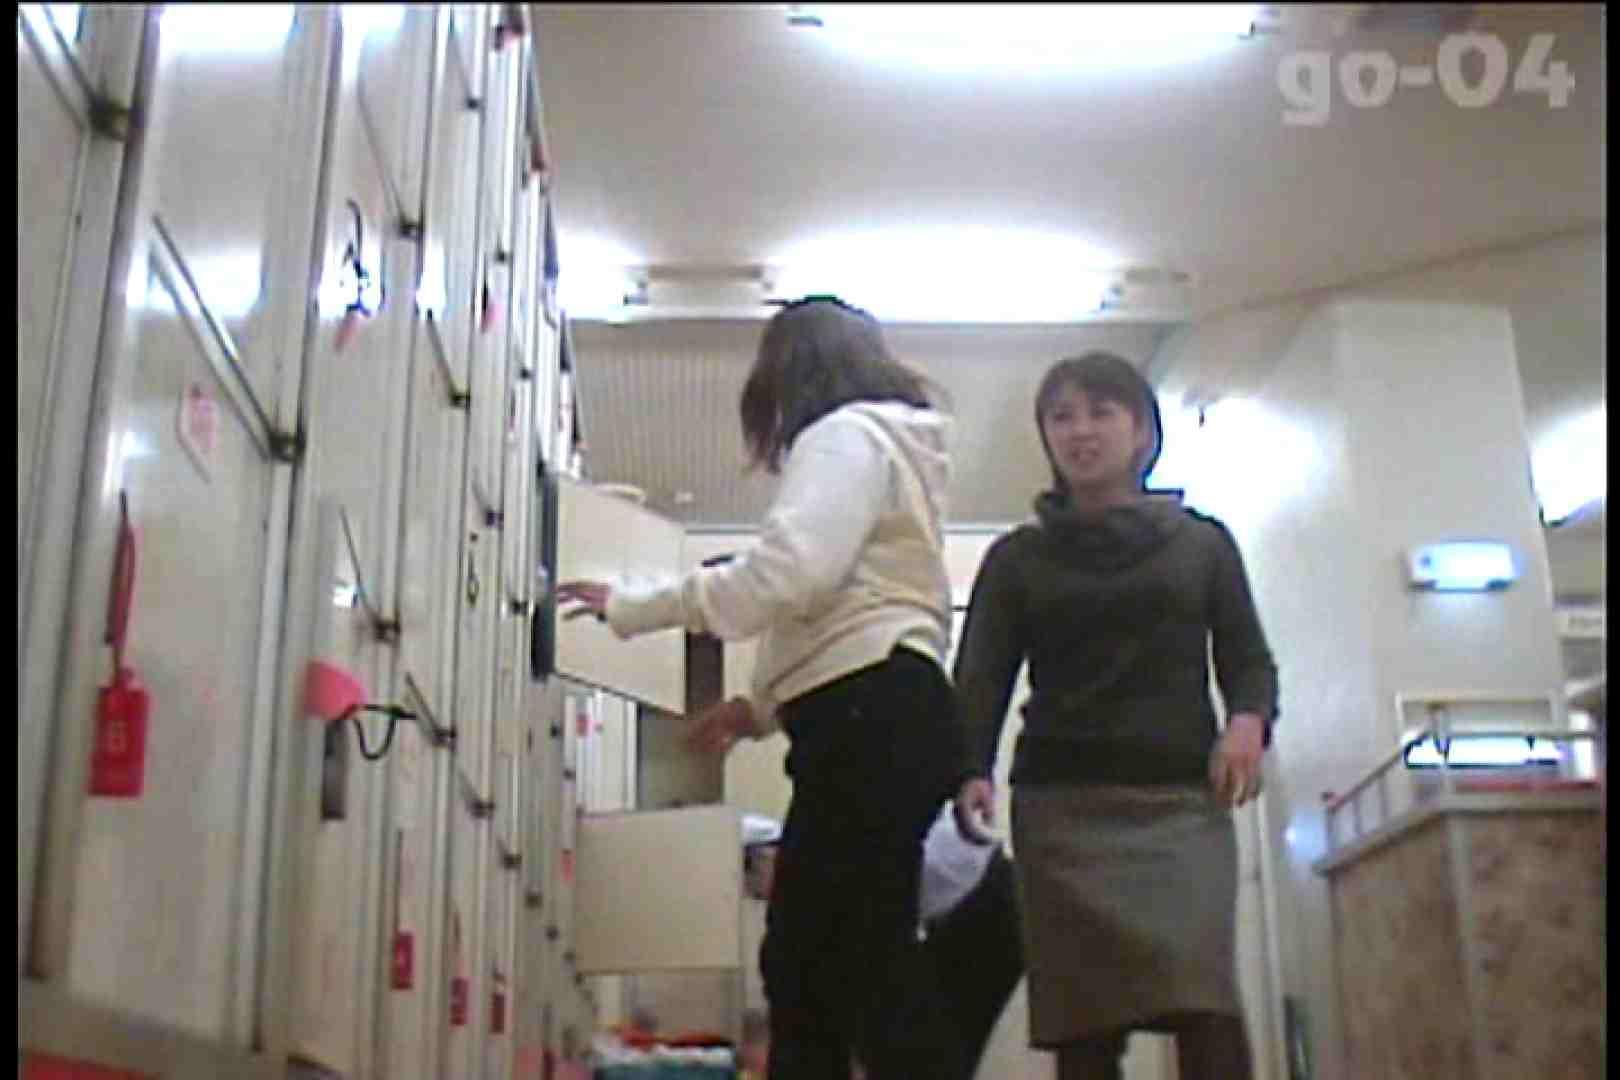 電波カメラ設置浴場からの防HAN映像 Vol.04 エッチなお姉さん オマンコ動画キャプチャ 97画像 5